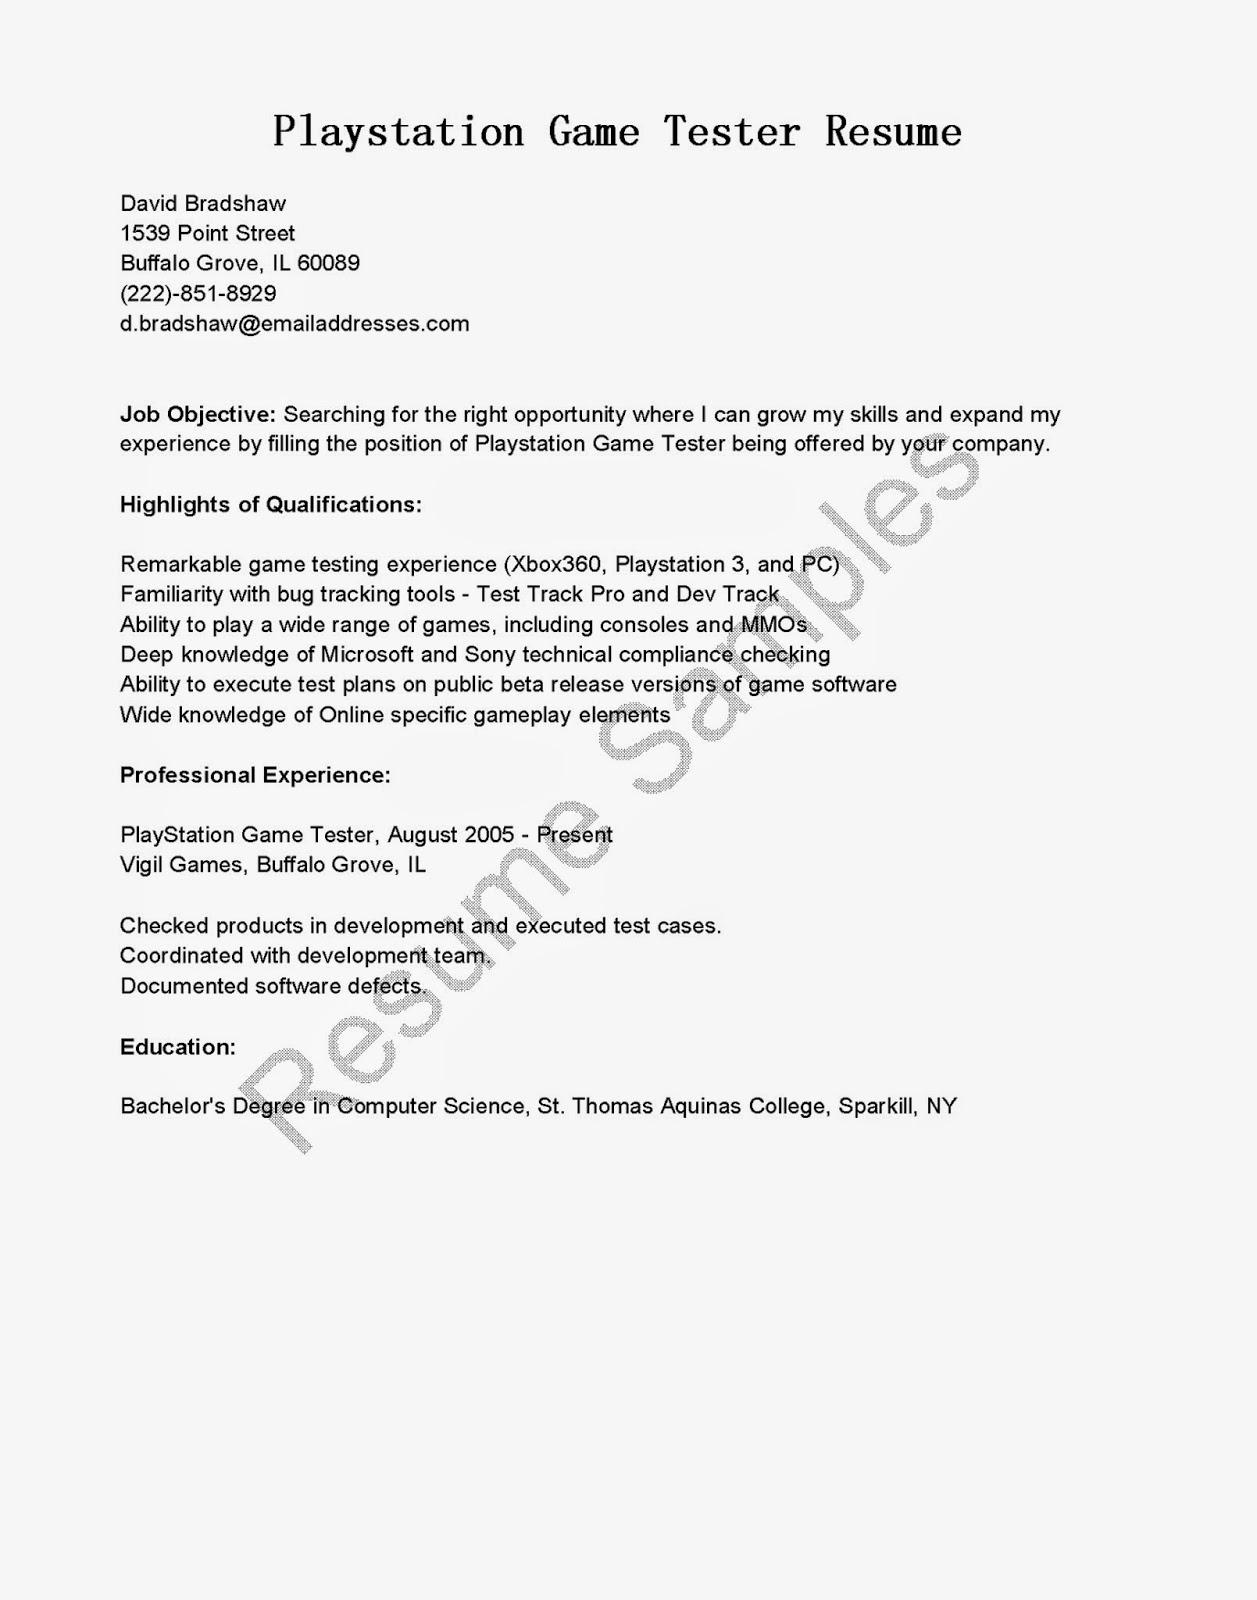 resume samples  playstation game tester resume sample